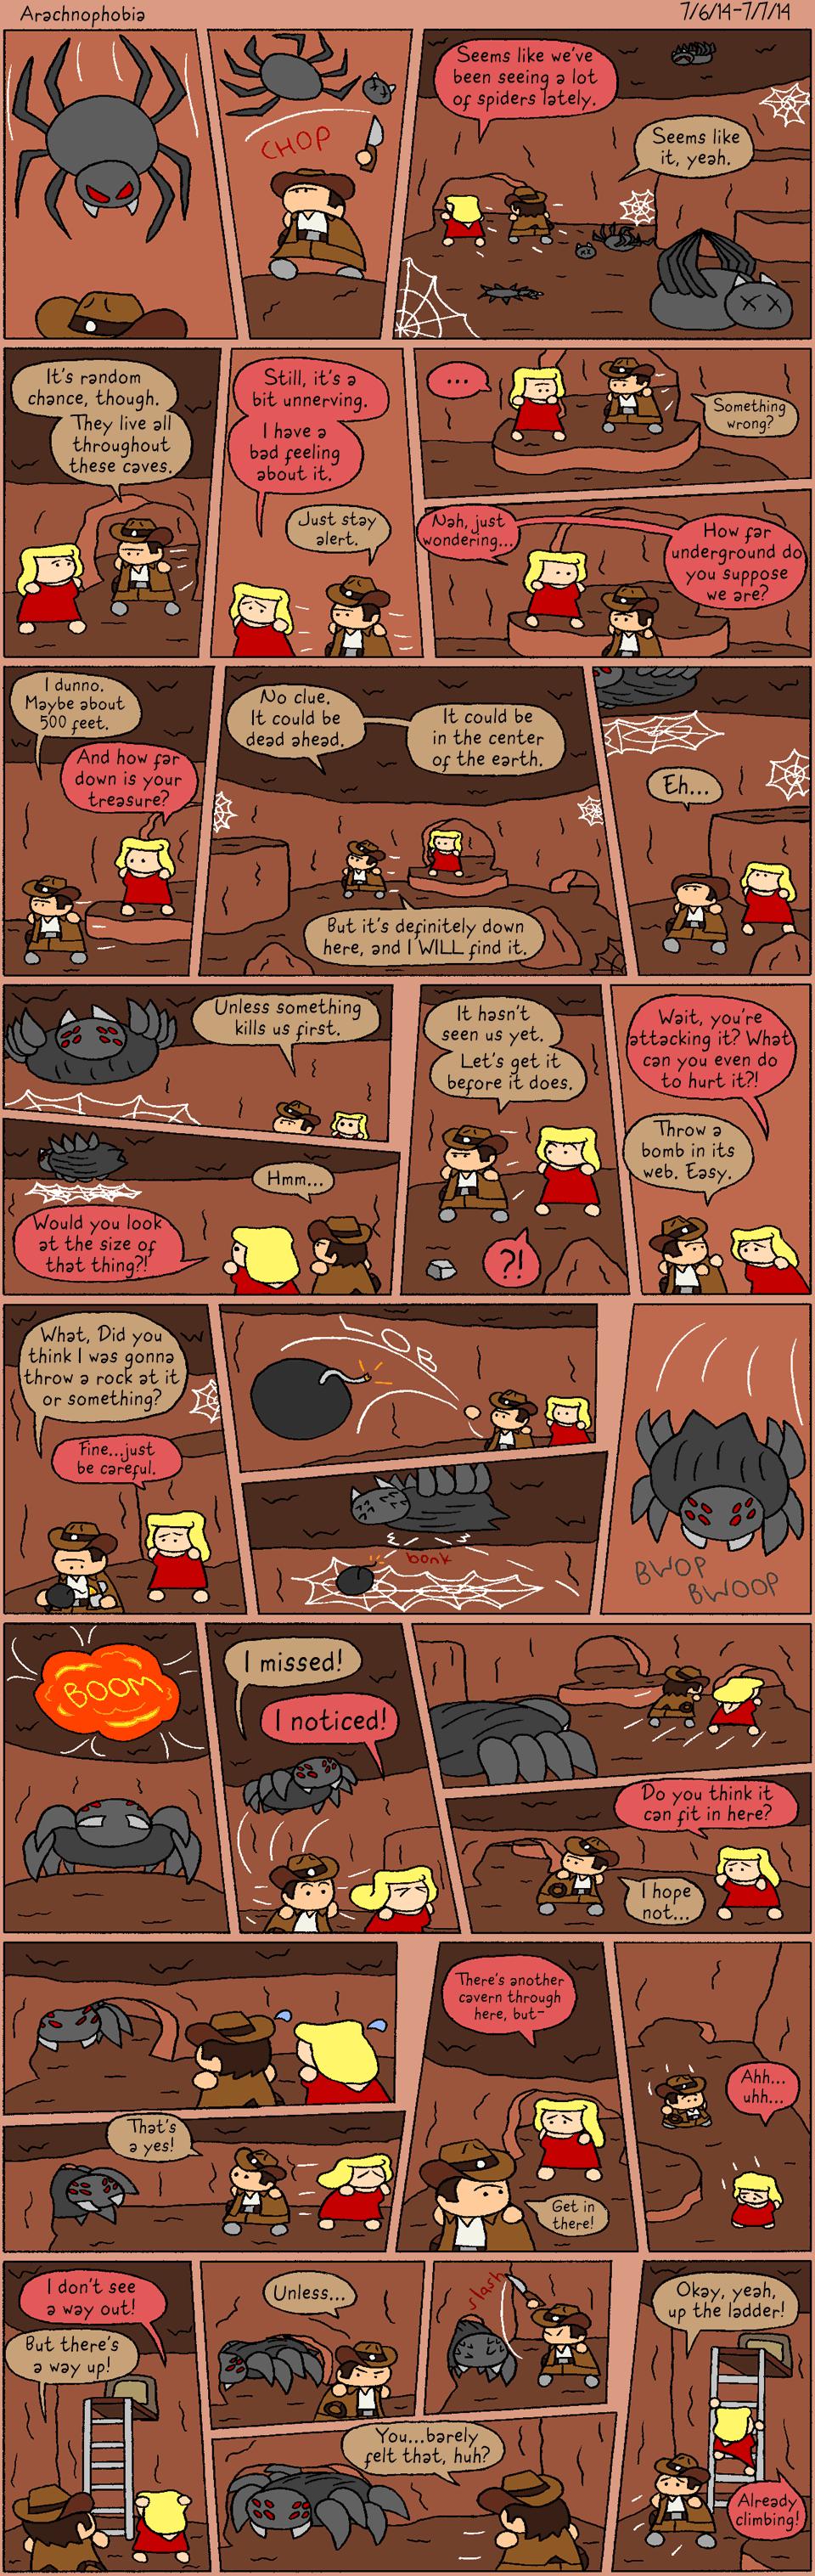 1-9 Arachnophobia by halibabica